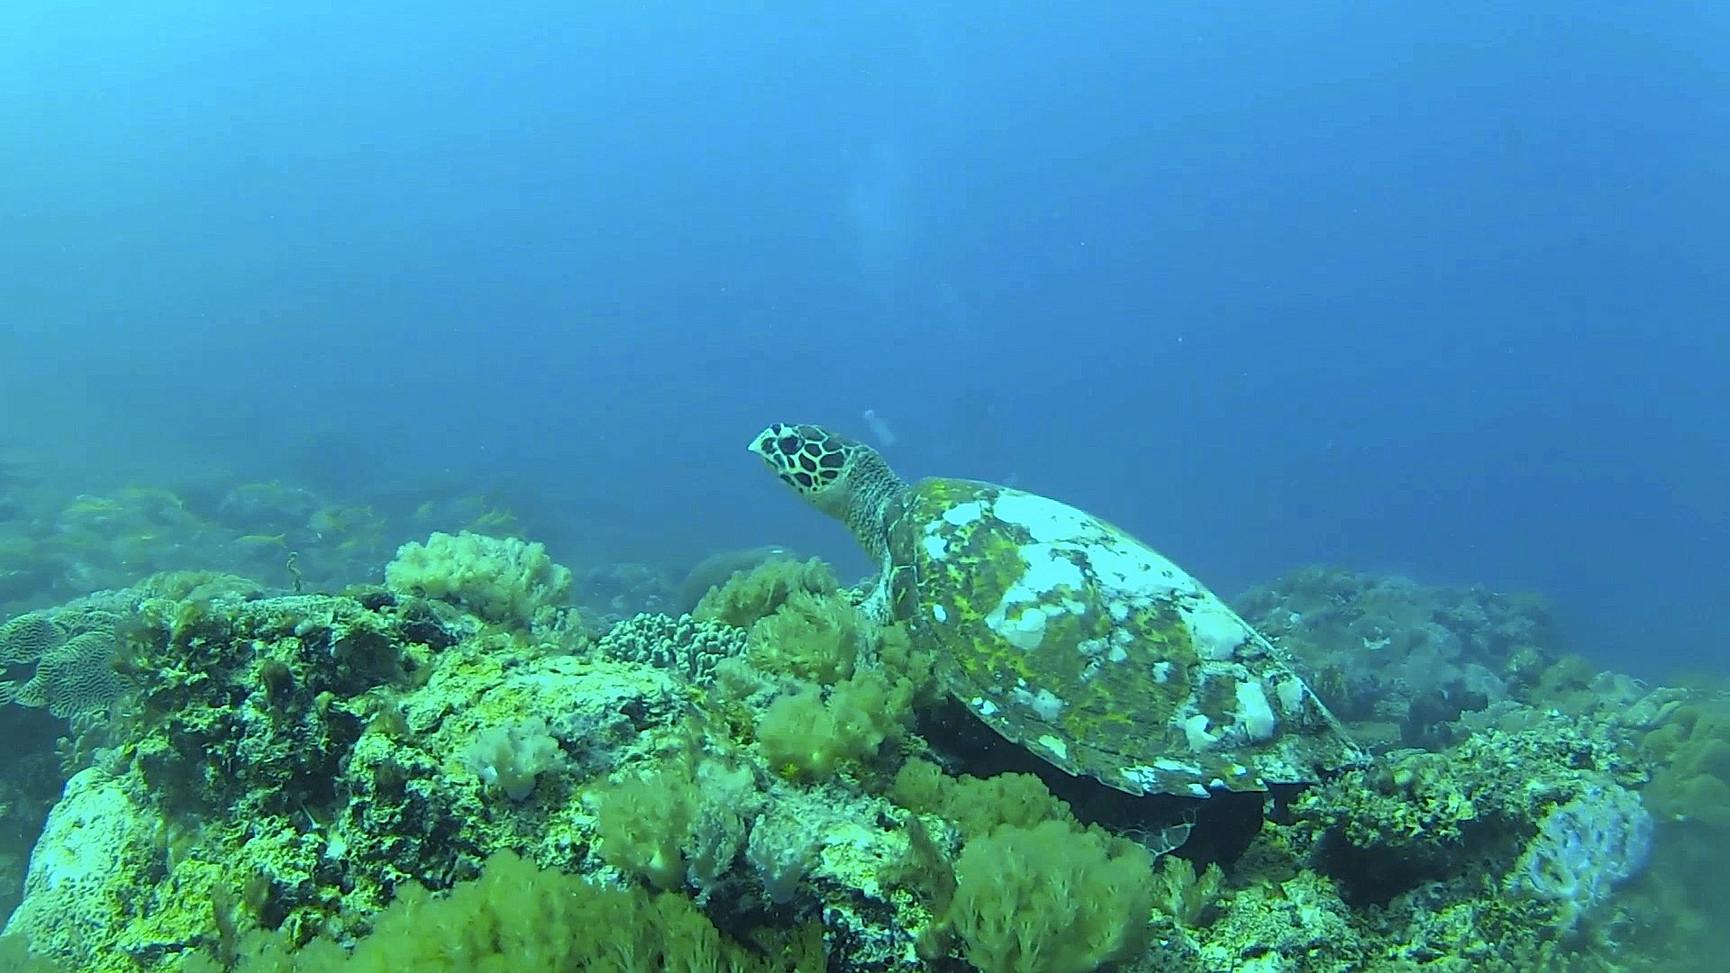 Tanzania - Fanjove Island - turtle